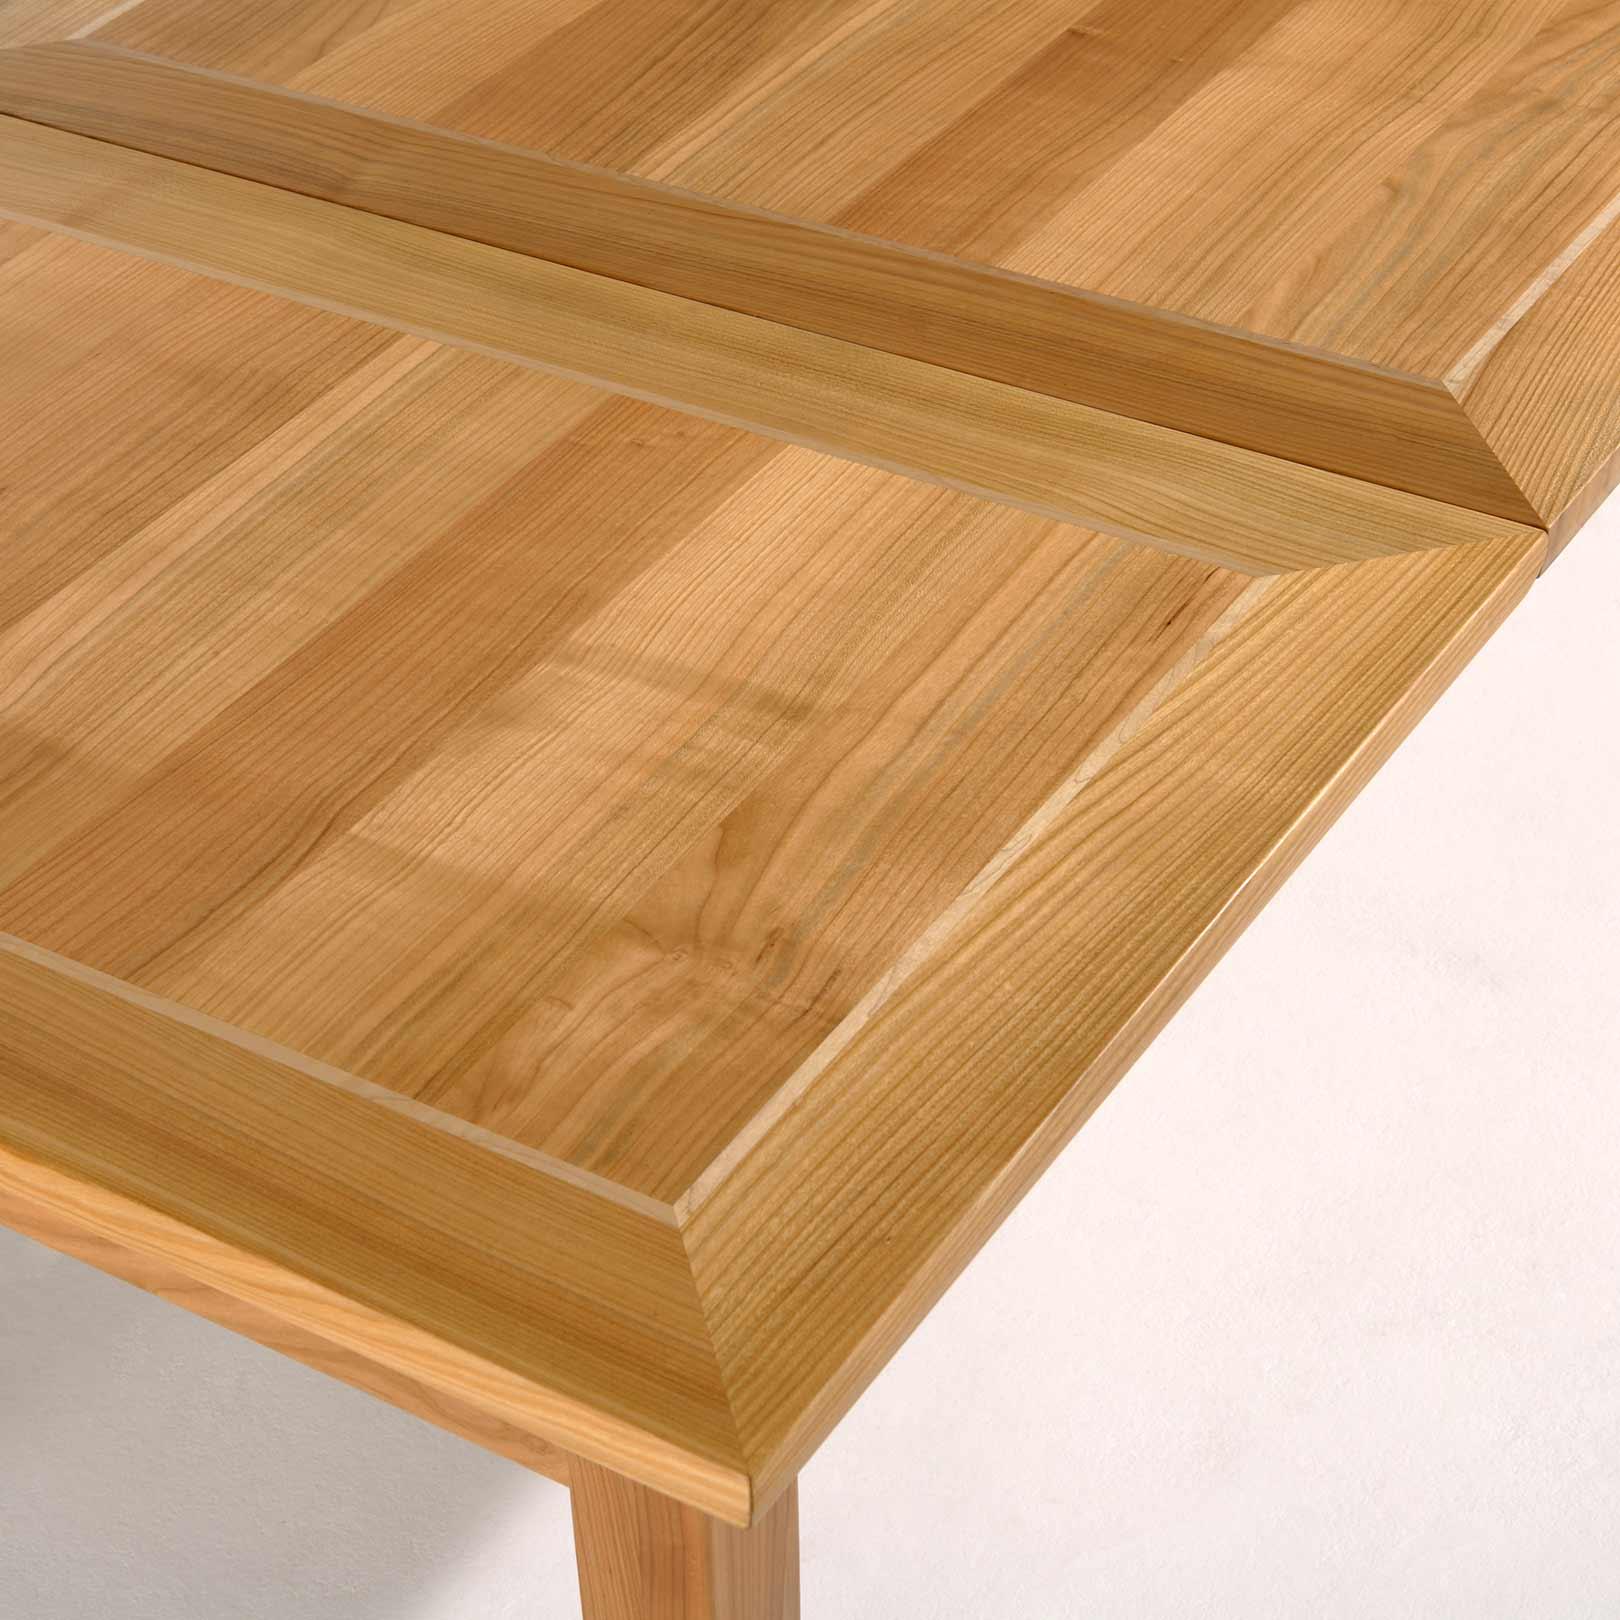 Verschiedene Lignum Möbel Mit System Ideen Von Biedermeier Tisch In Kirschbaum, Intarsie In Ahorn,